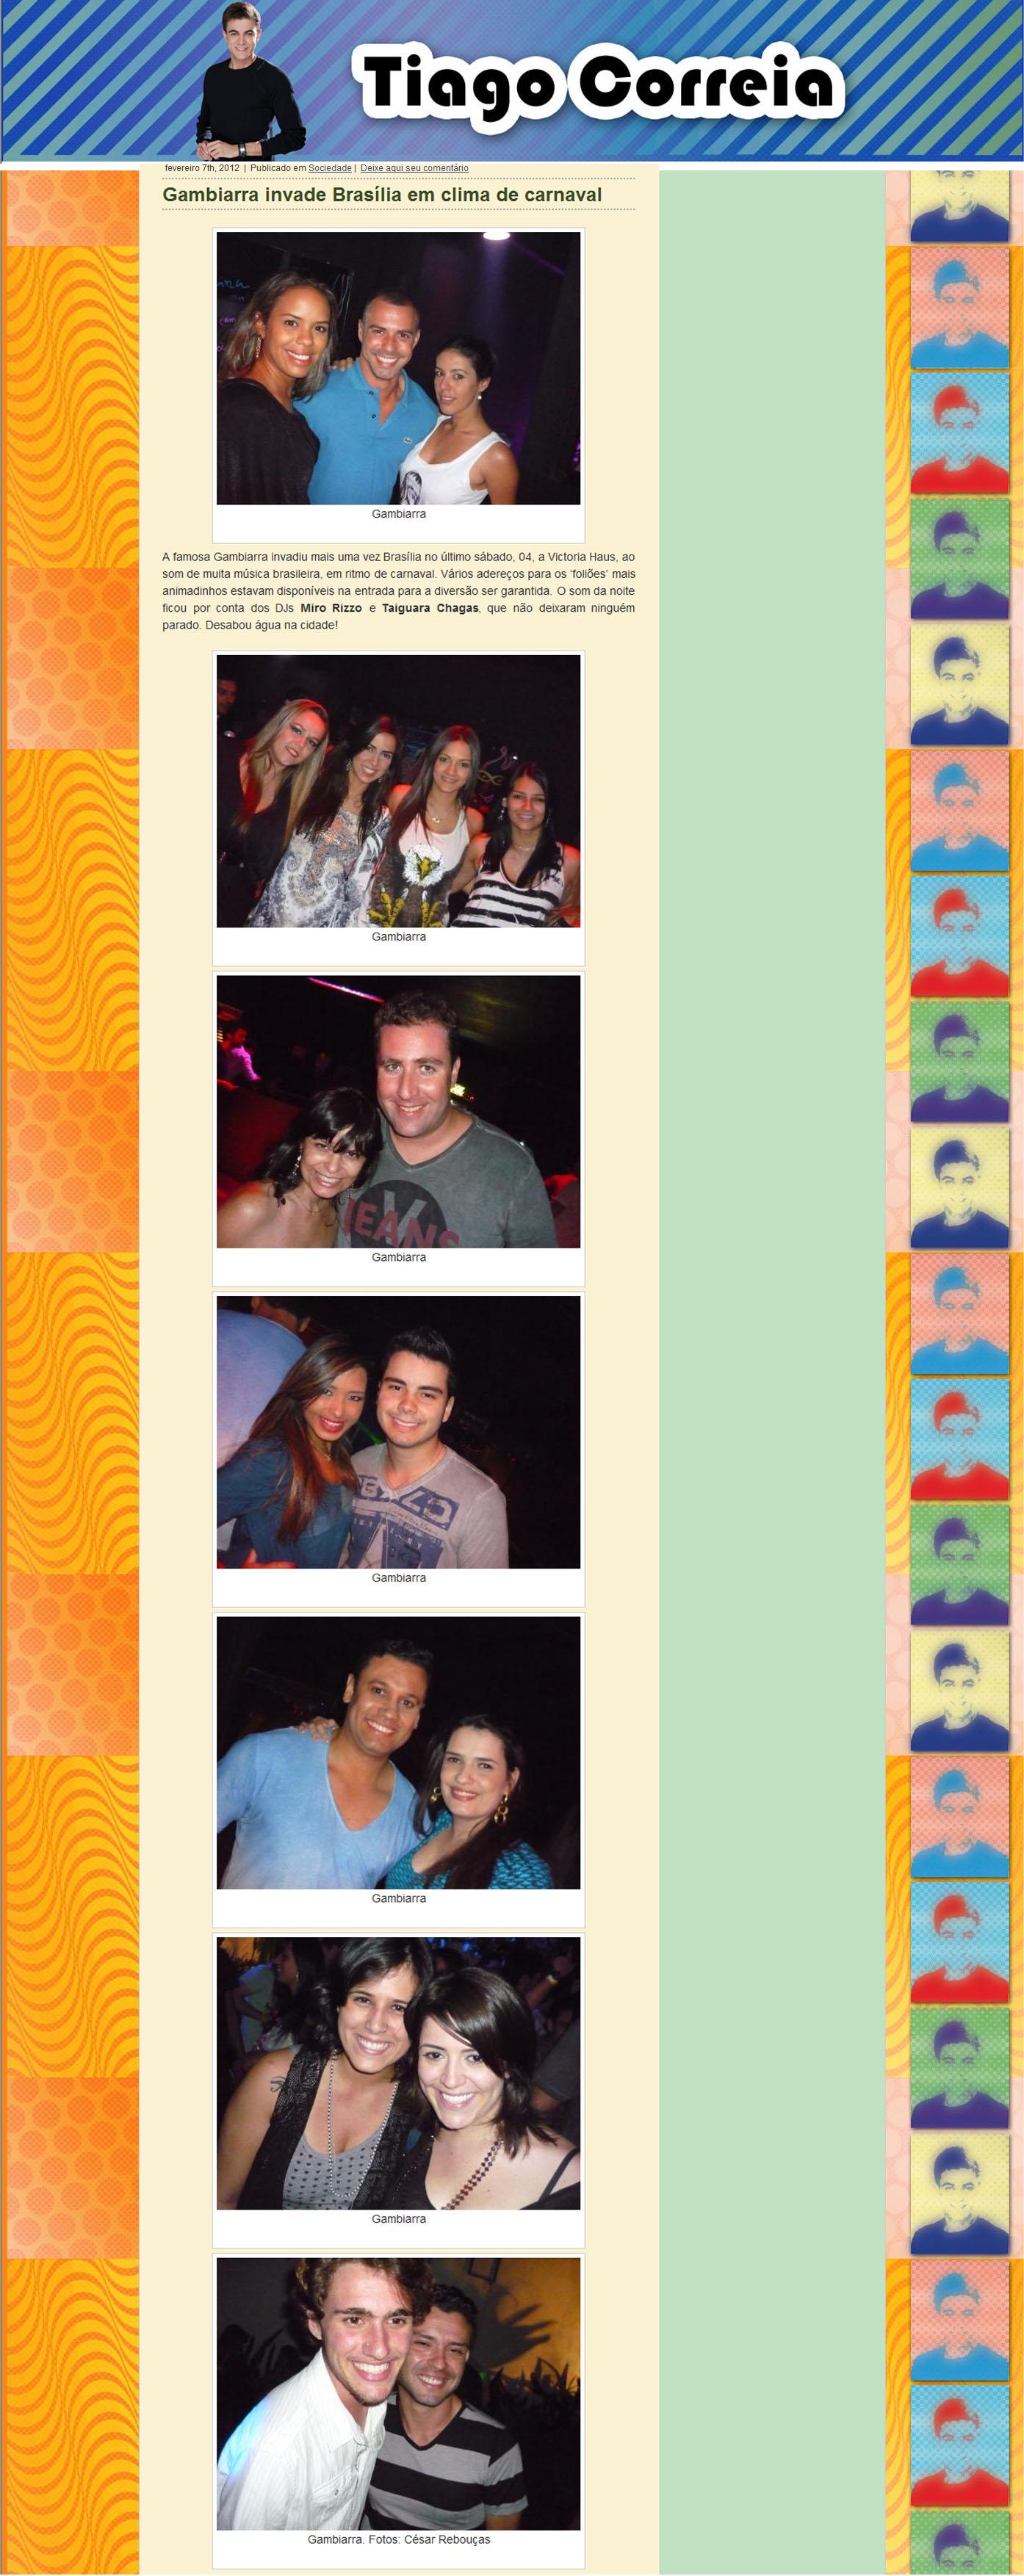 Tiago_Correia_Brasilia_07.02.2012